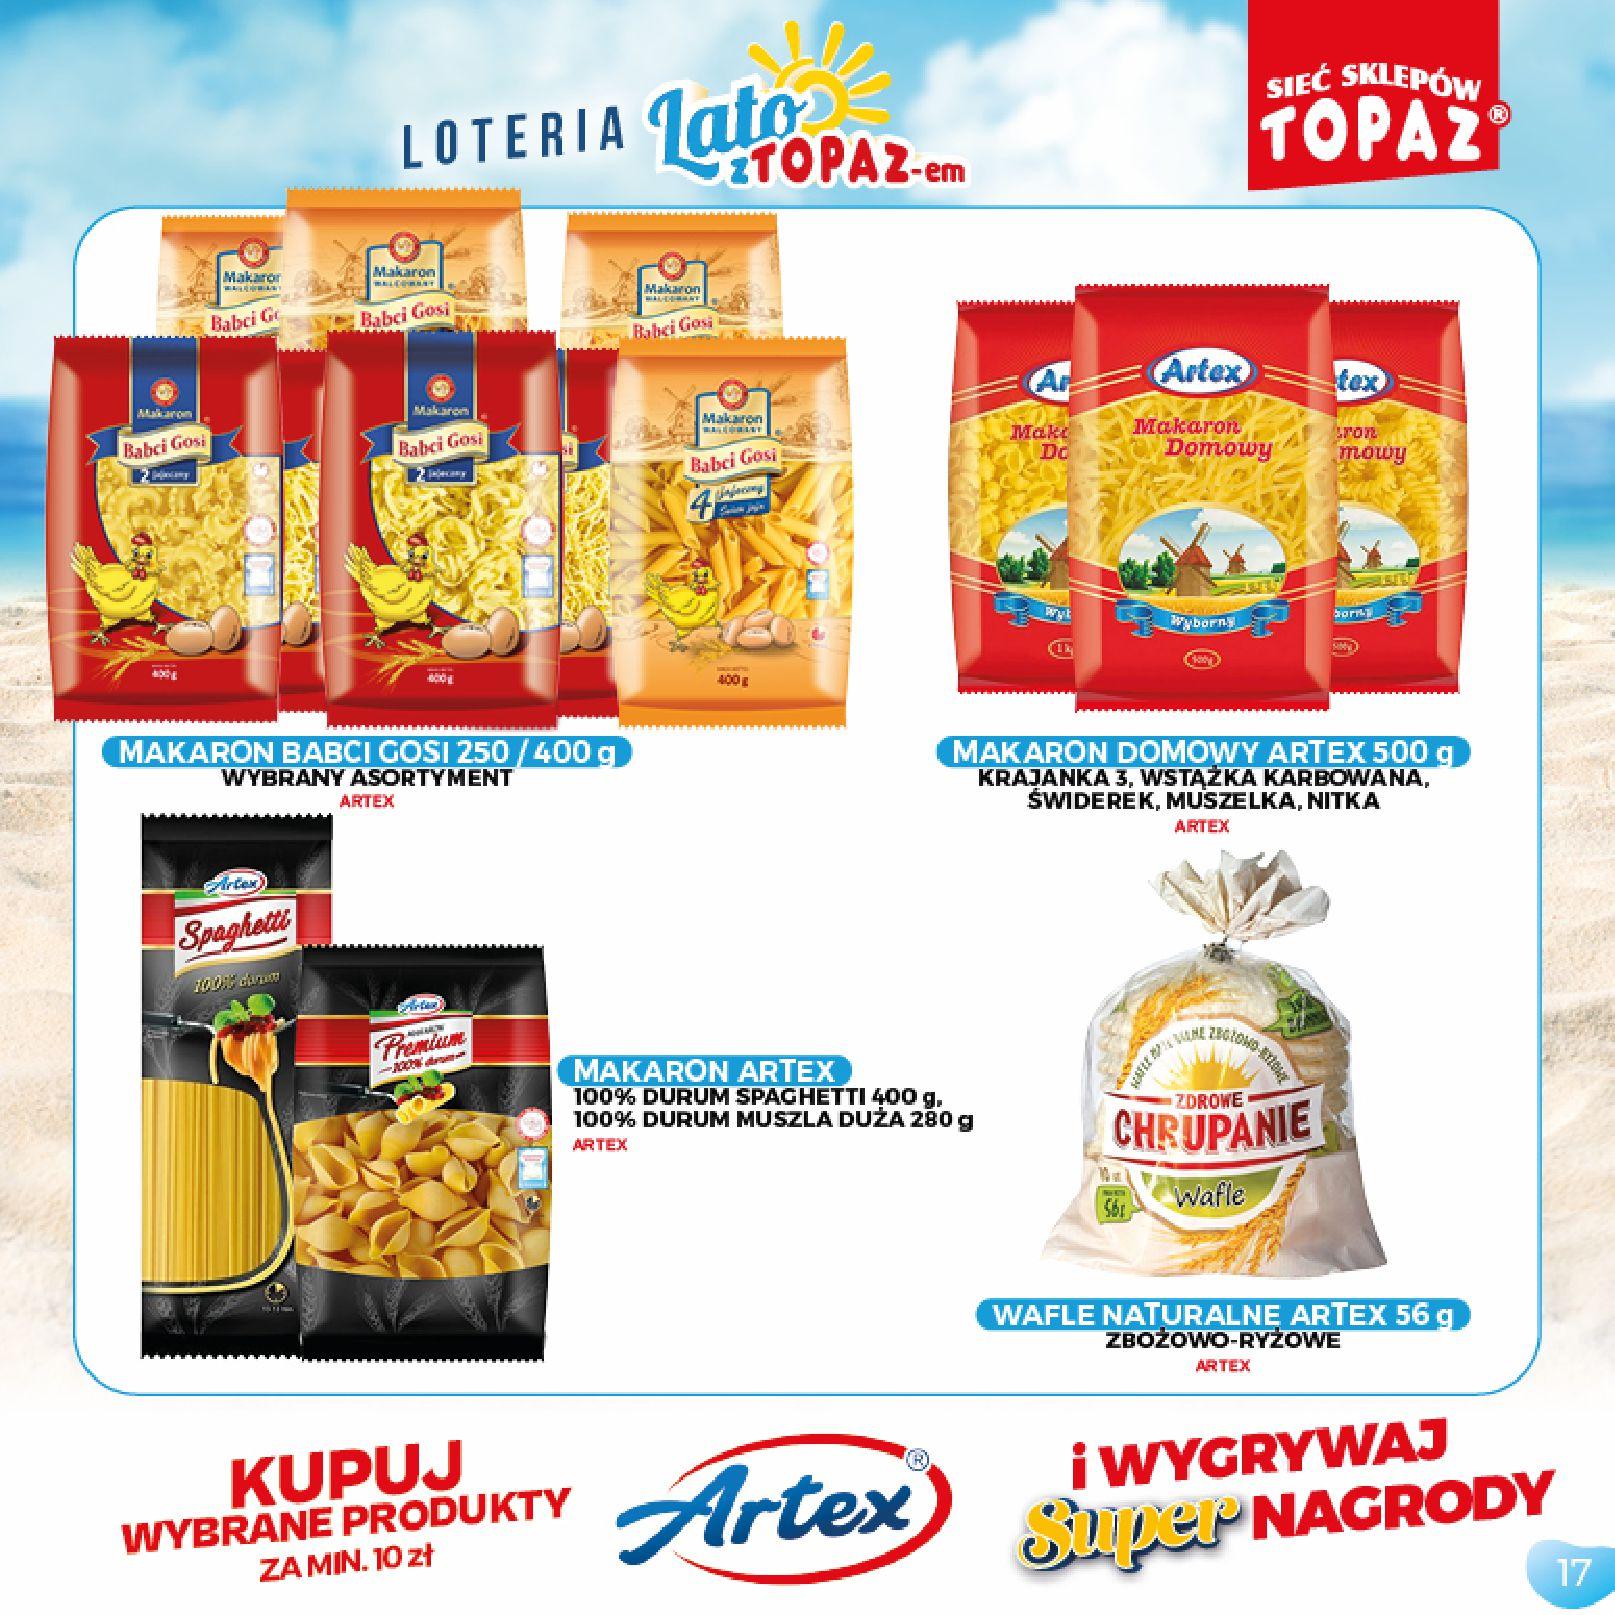 Gazetka TOPAZ: Gazetka TOPAZ - Loteria 2021-07-05 page-17